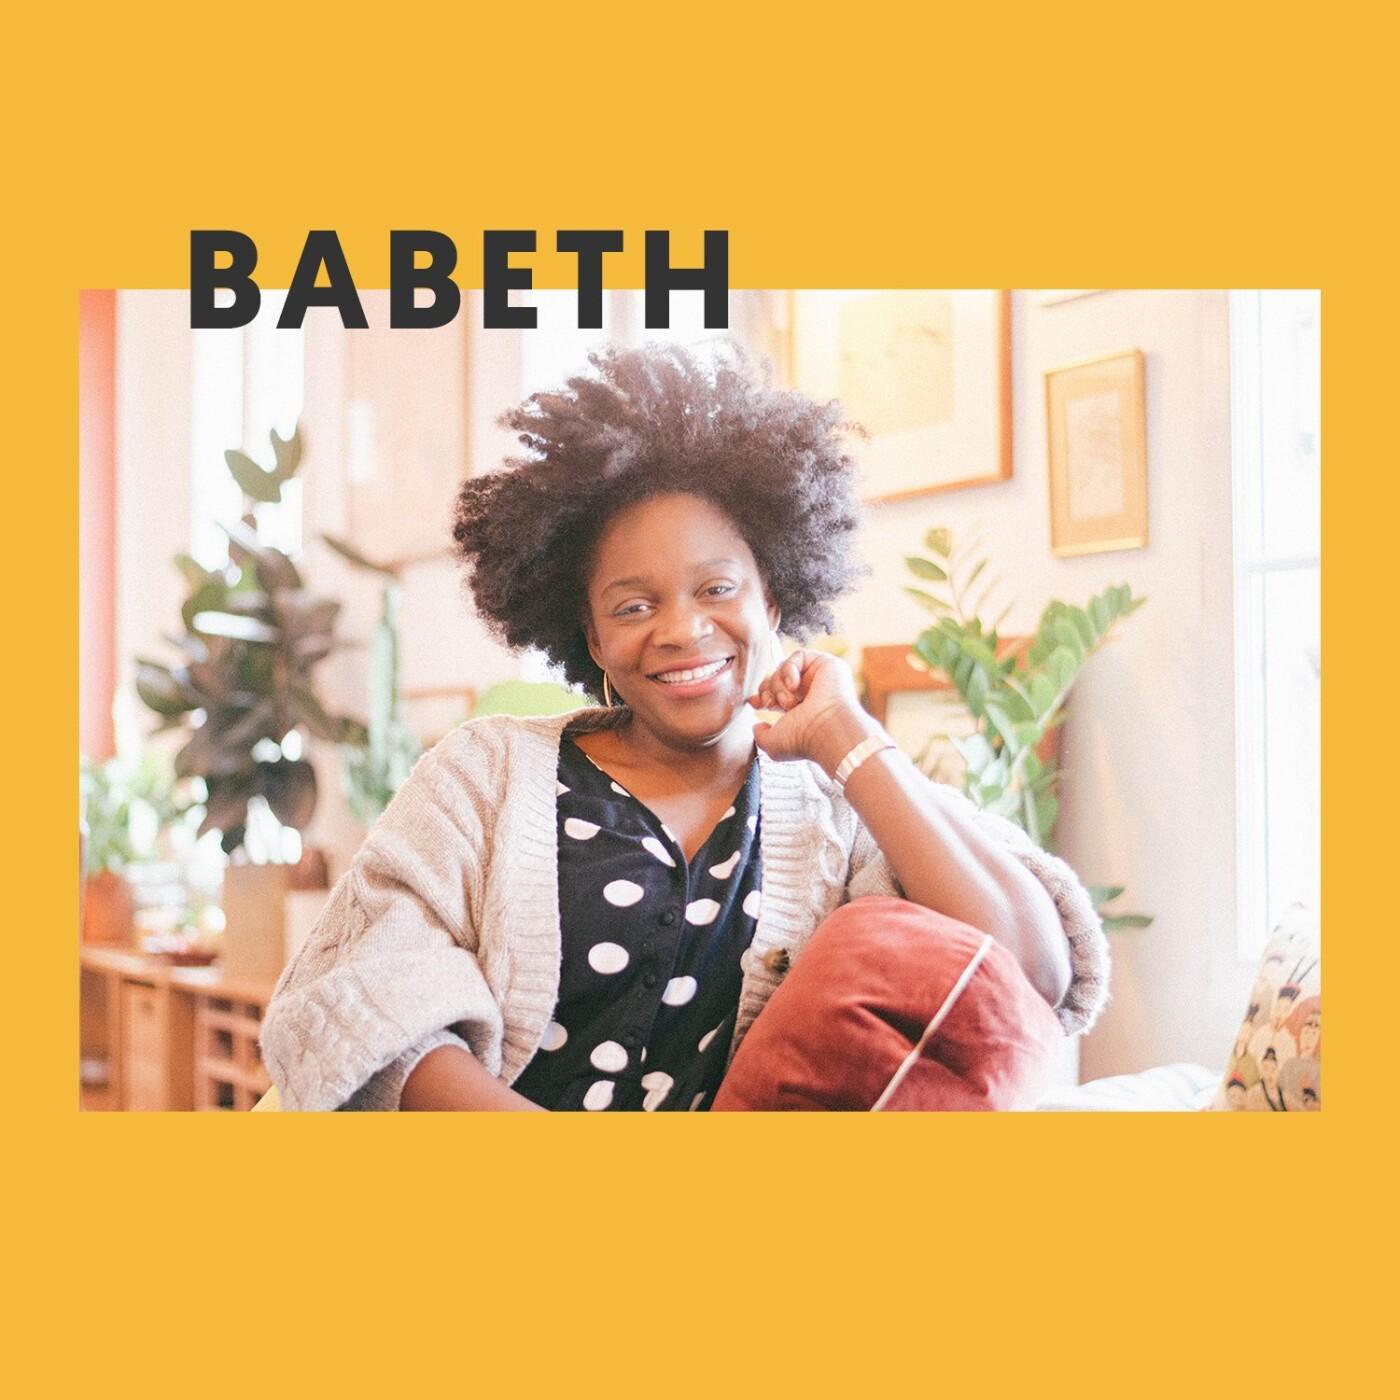 43 •Babeth